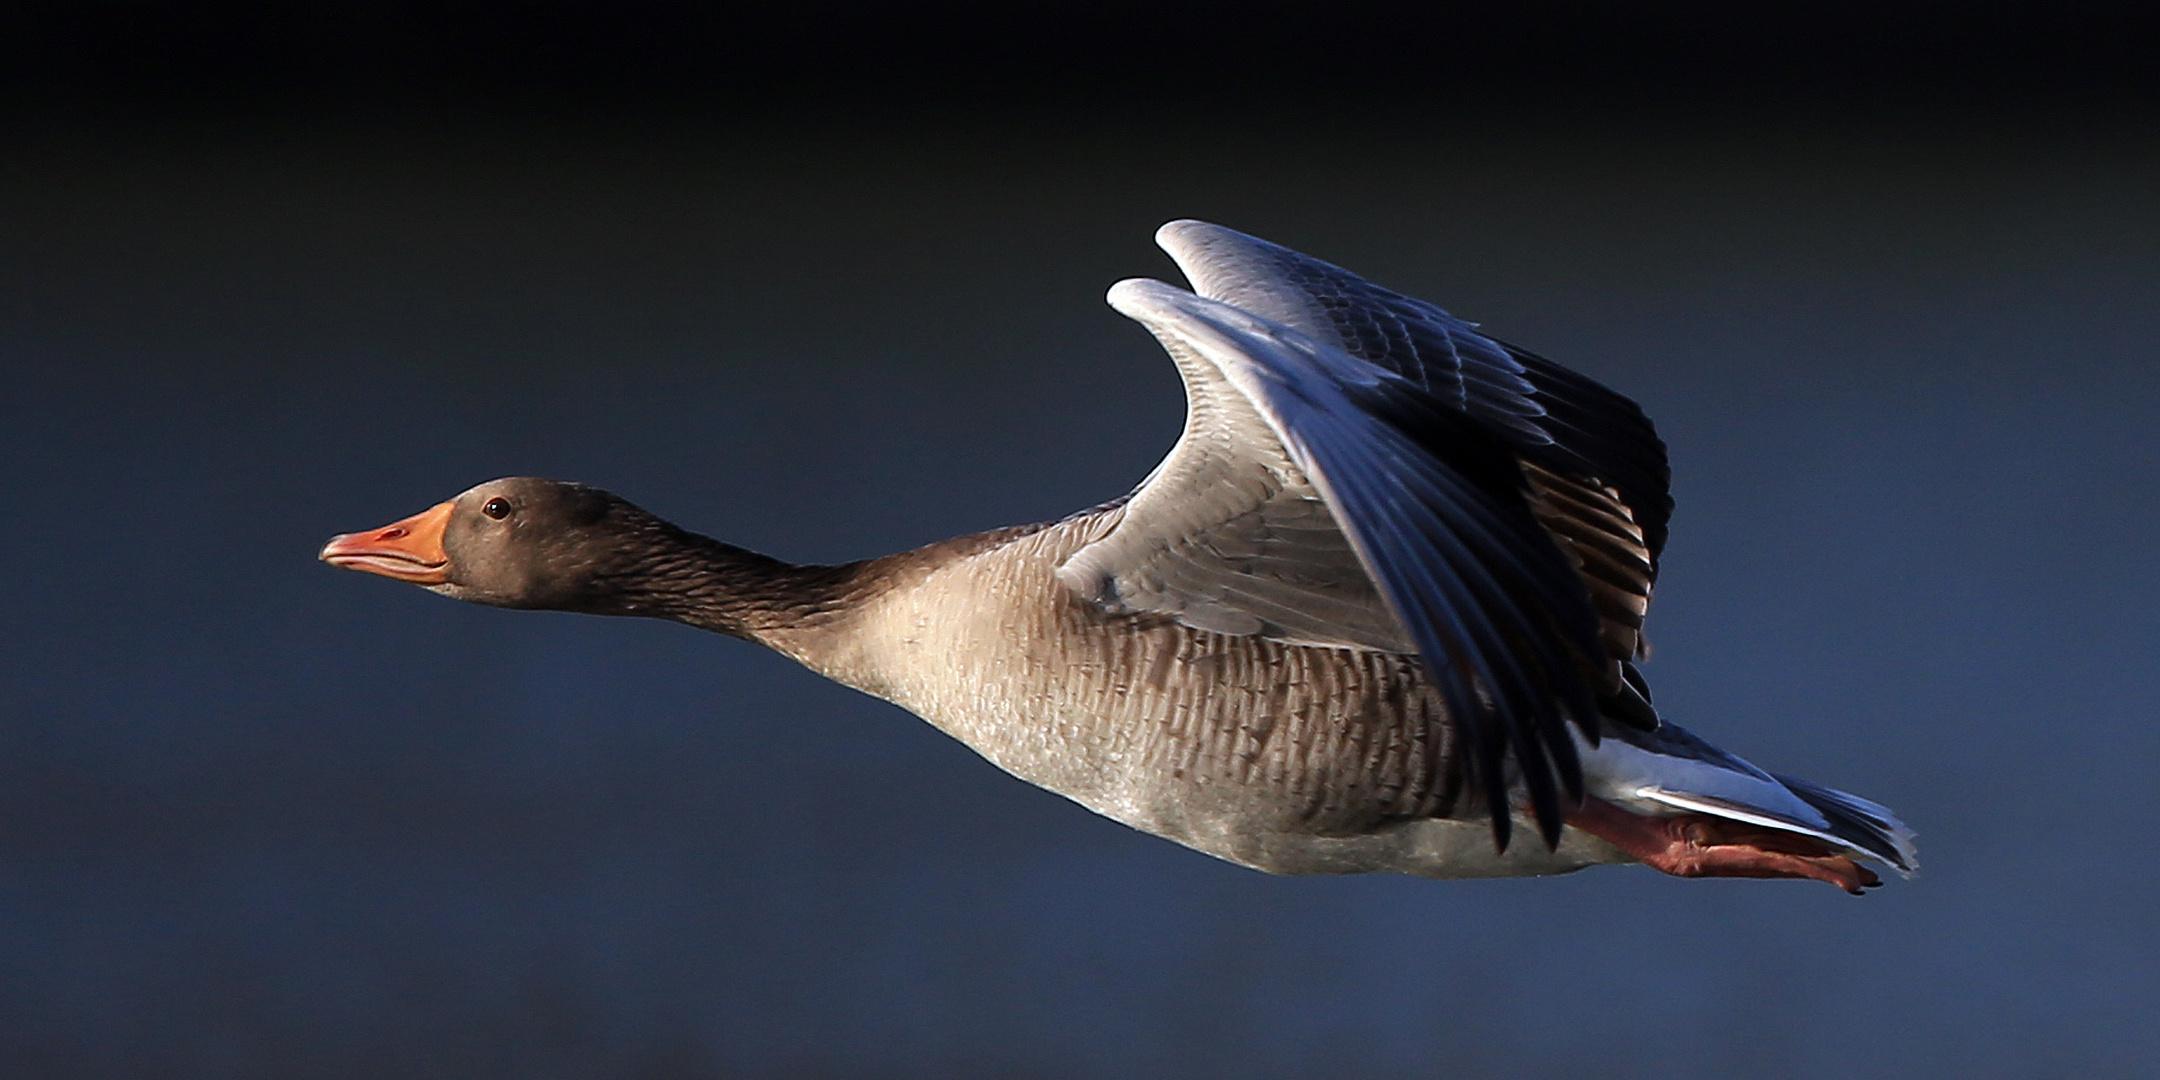 Ganz schön großer Vogel